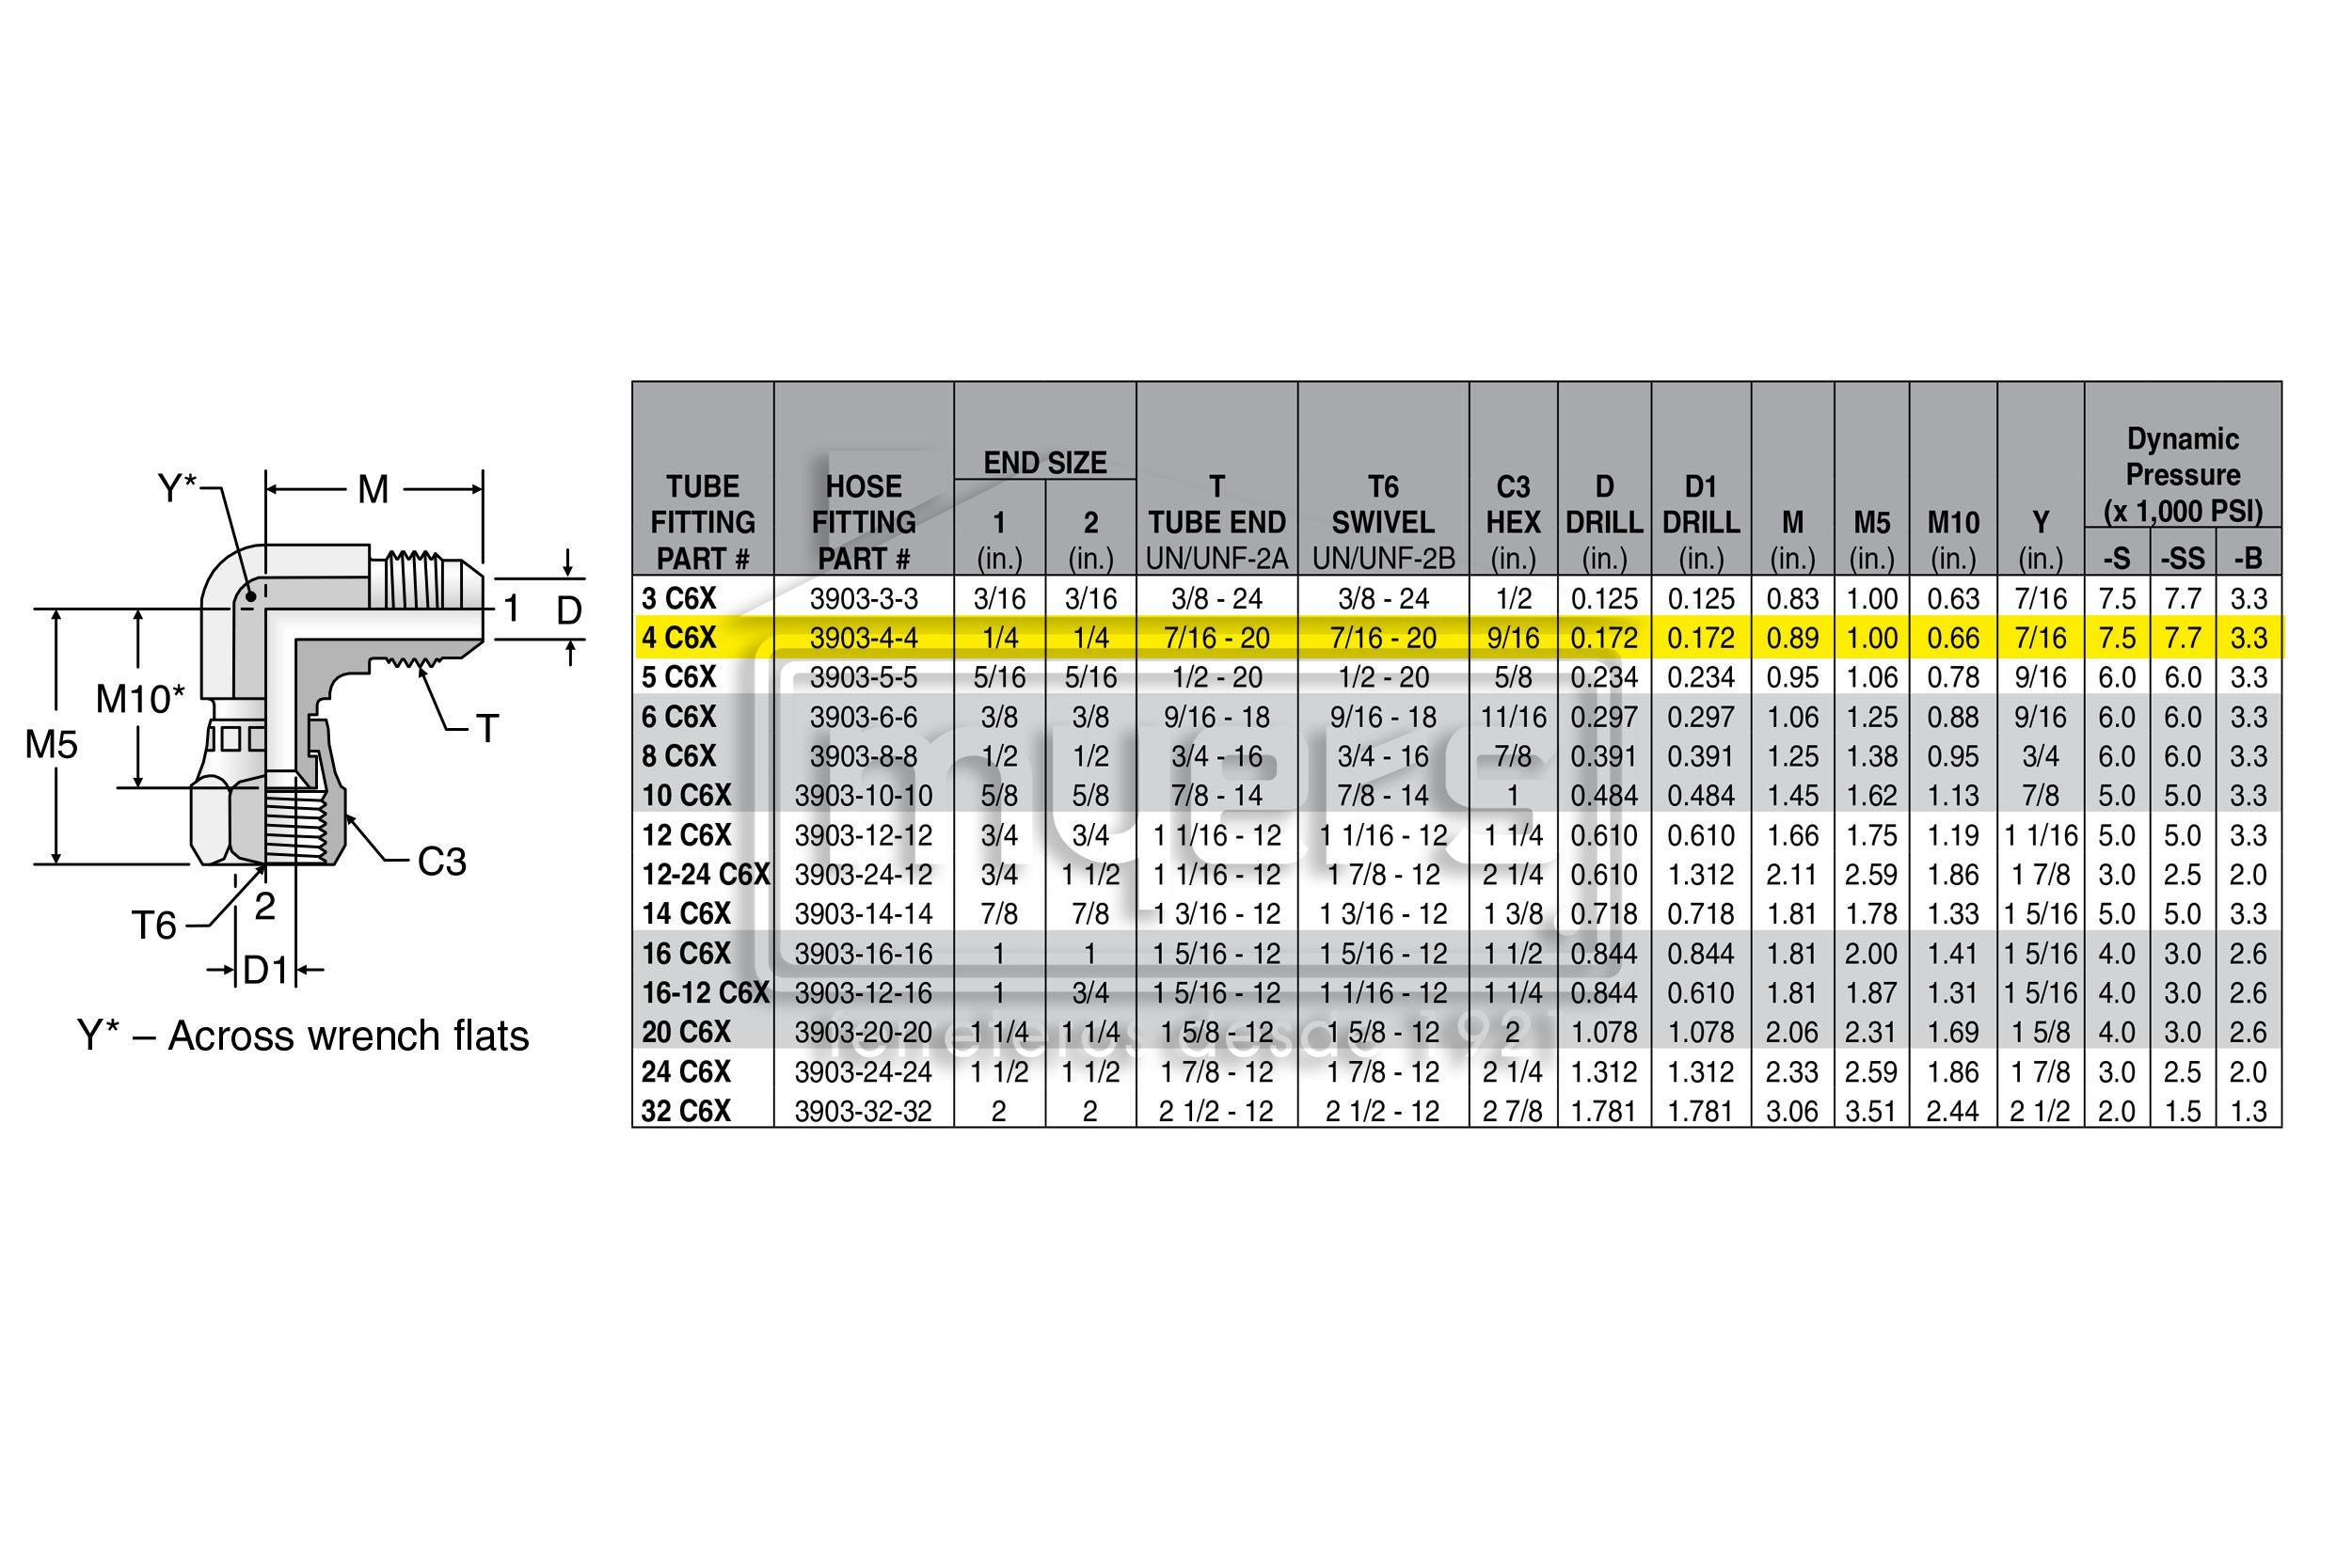 4 C6X-S CODO 90~ TUERCA GIRA(3903-4-4) 4 C6X-S   CODO   Ferreteria ...